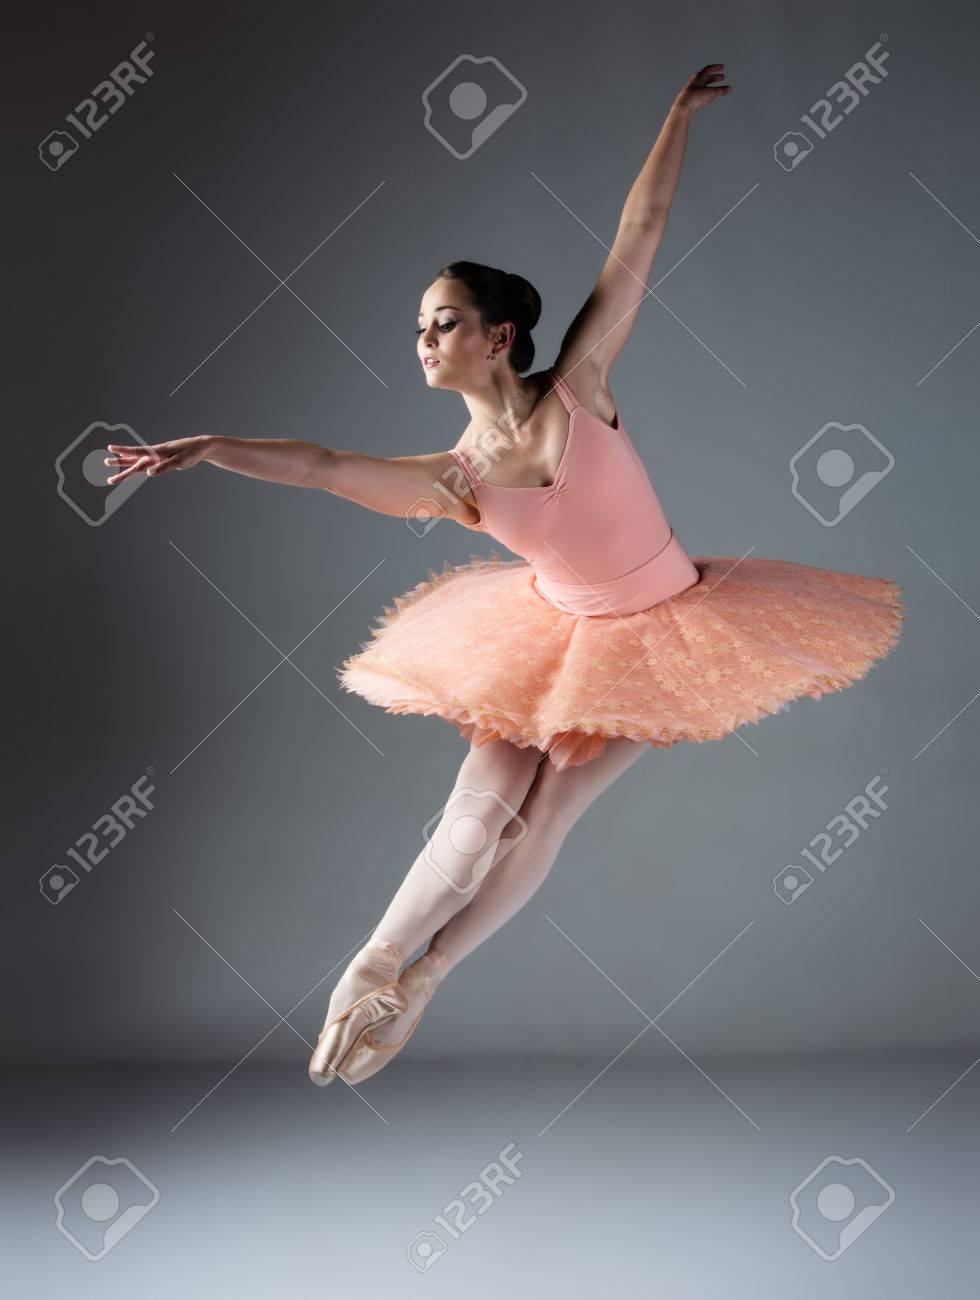 Hermosa bailarina de ballet femenino sobre un fondo gris. Bailarina lleva un tutú de color naranja, rosa y medias pointe zapatos.